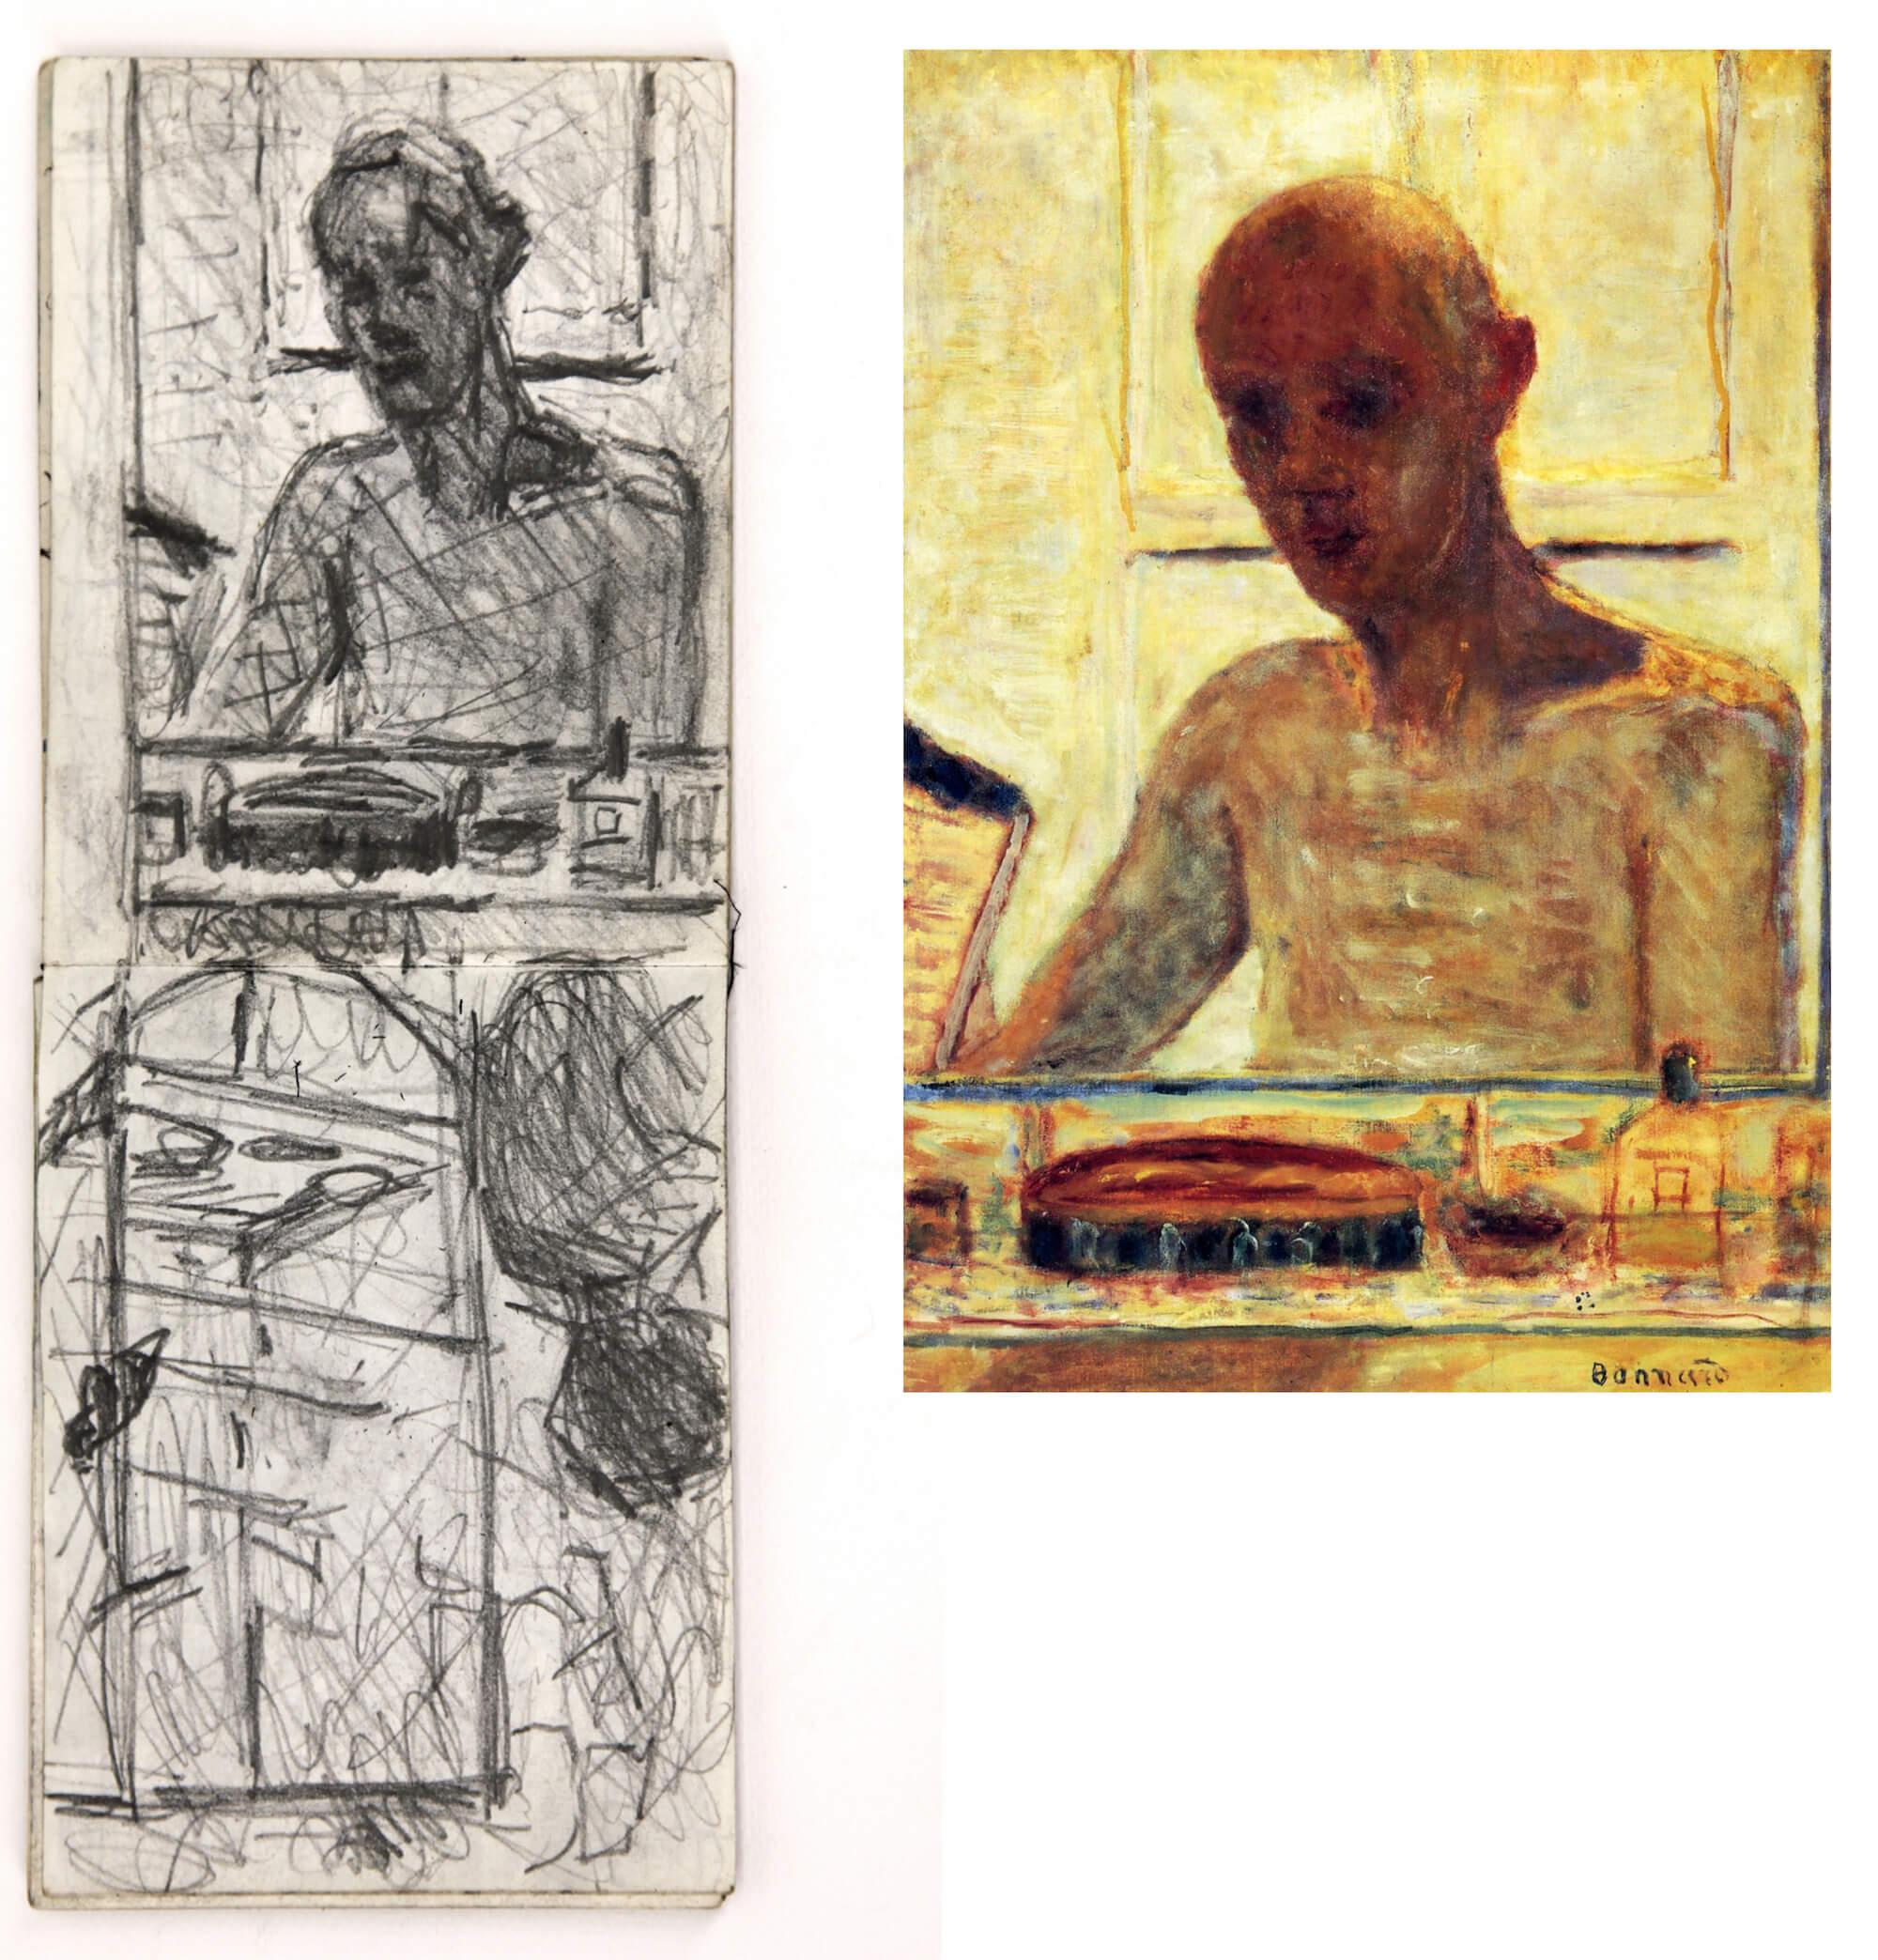 Pierre Bonnard, Self Portrait in a Shaving Mirror, 1935 (Centre Georges Pompidou, Paris) and studies by Sargy Mann (Sargy Mann estate)